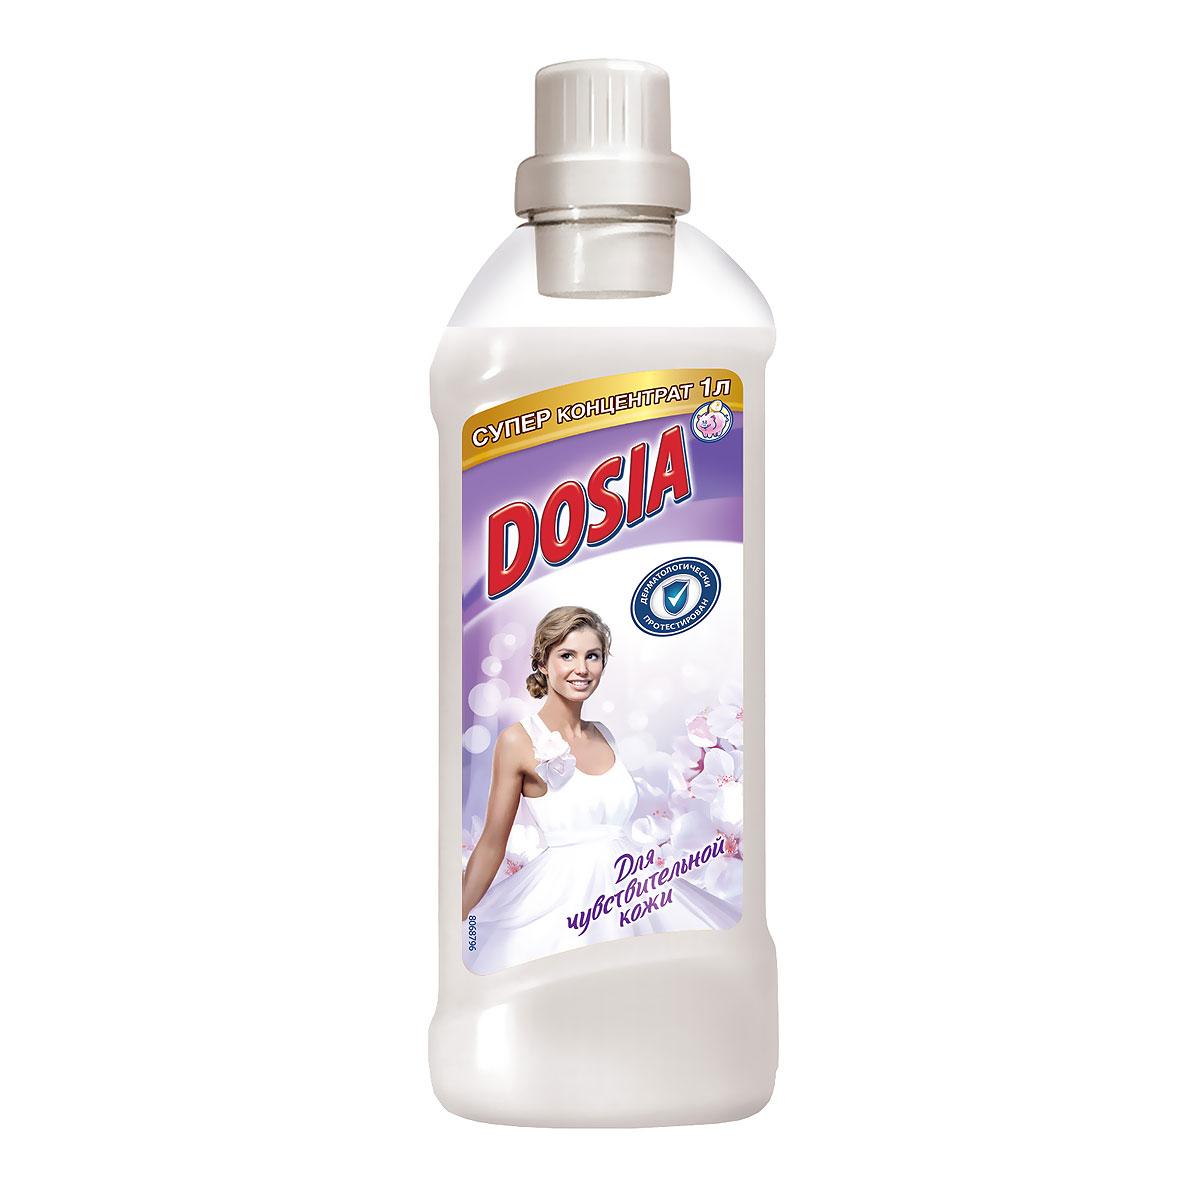 Ополаскиватель для белья Dosia, для чувствительной кожи, концентрированный, 1 л790009Концентрированный ополаскиватель для белья Dosia идеально подходит для всех типов тканей. Он придает белью мягкость и свежий аромат. Обладает антистатическим свойством, облегчает глажение. Ополаскиватель отлично подойдет для использования людям с чувствительной кожей. Характеристики: Объем: 1 л. Производитель: Россия. Товар сертифицирован.